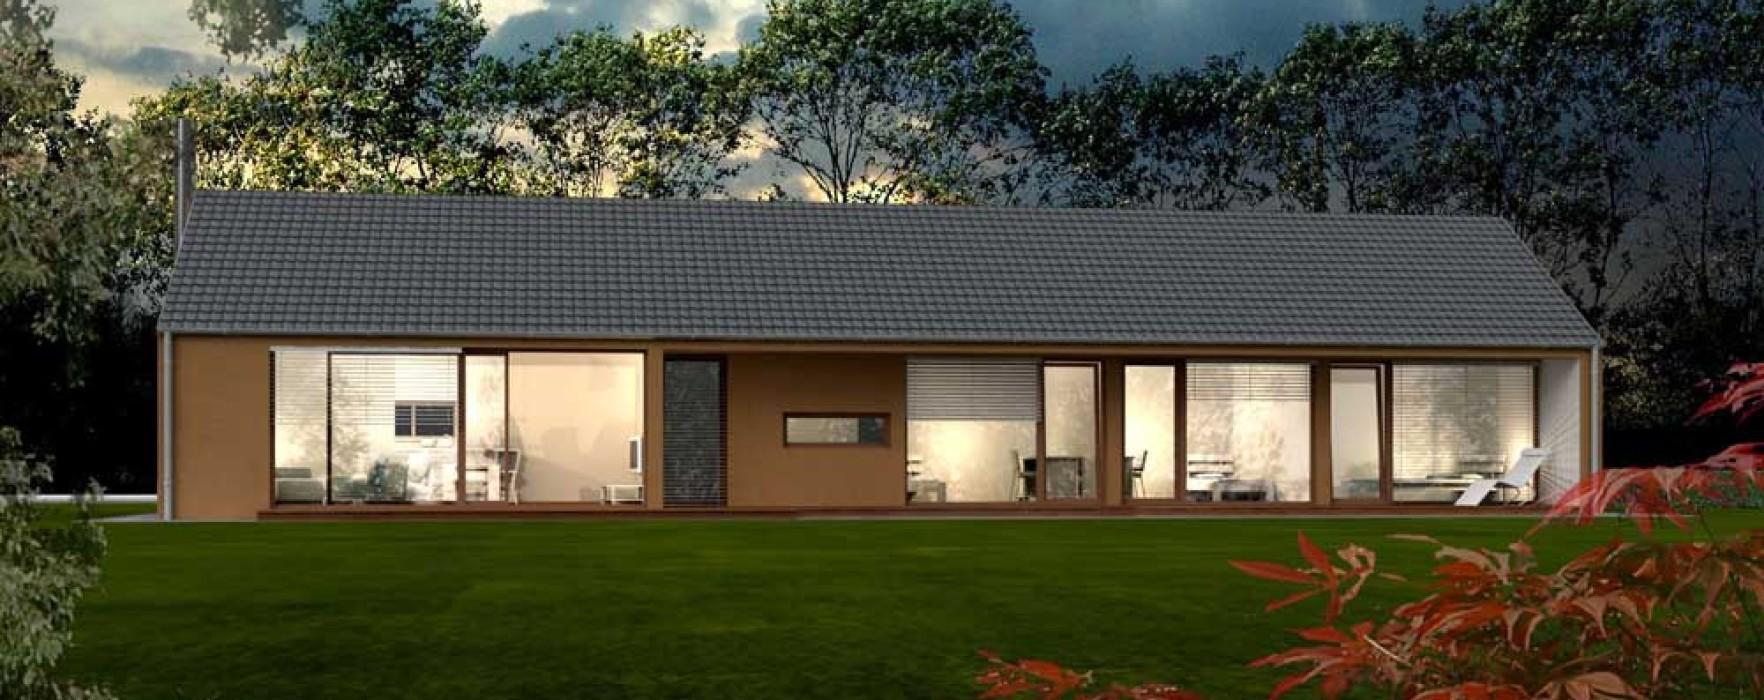 Prezzi indicativi per due case prefabbricate - Casa in prefabbricato costo ...